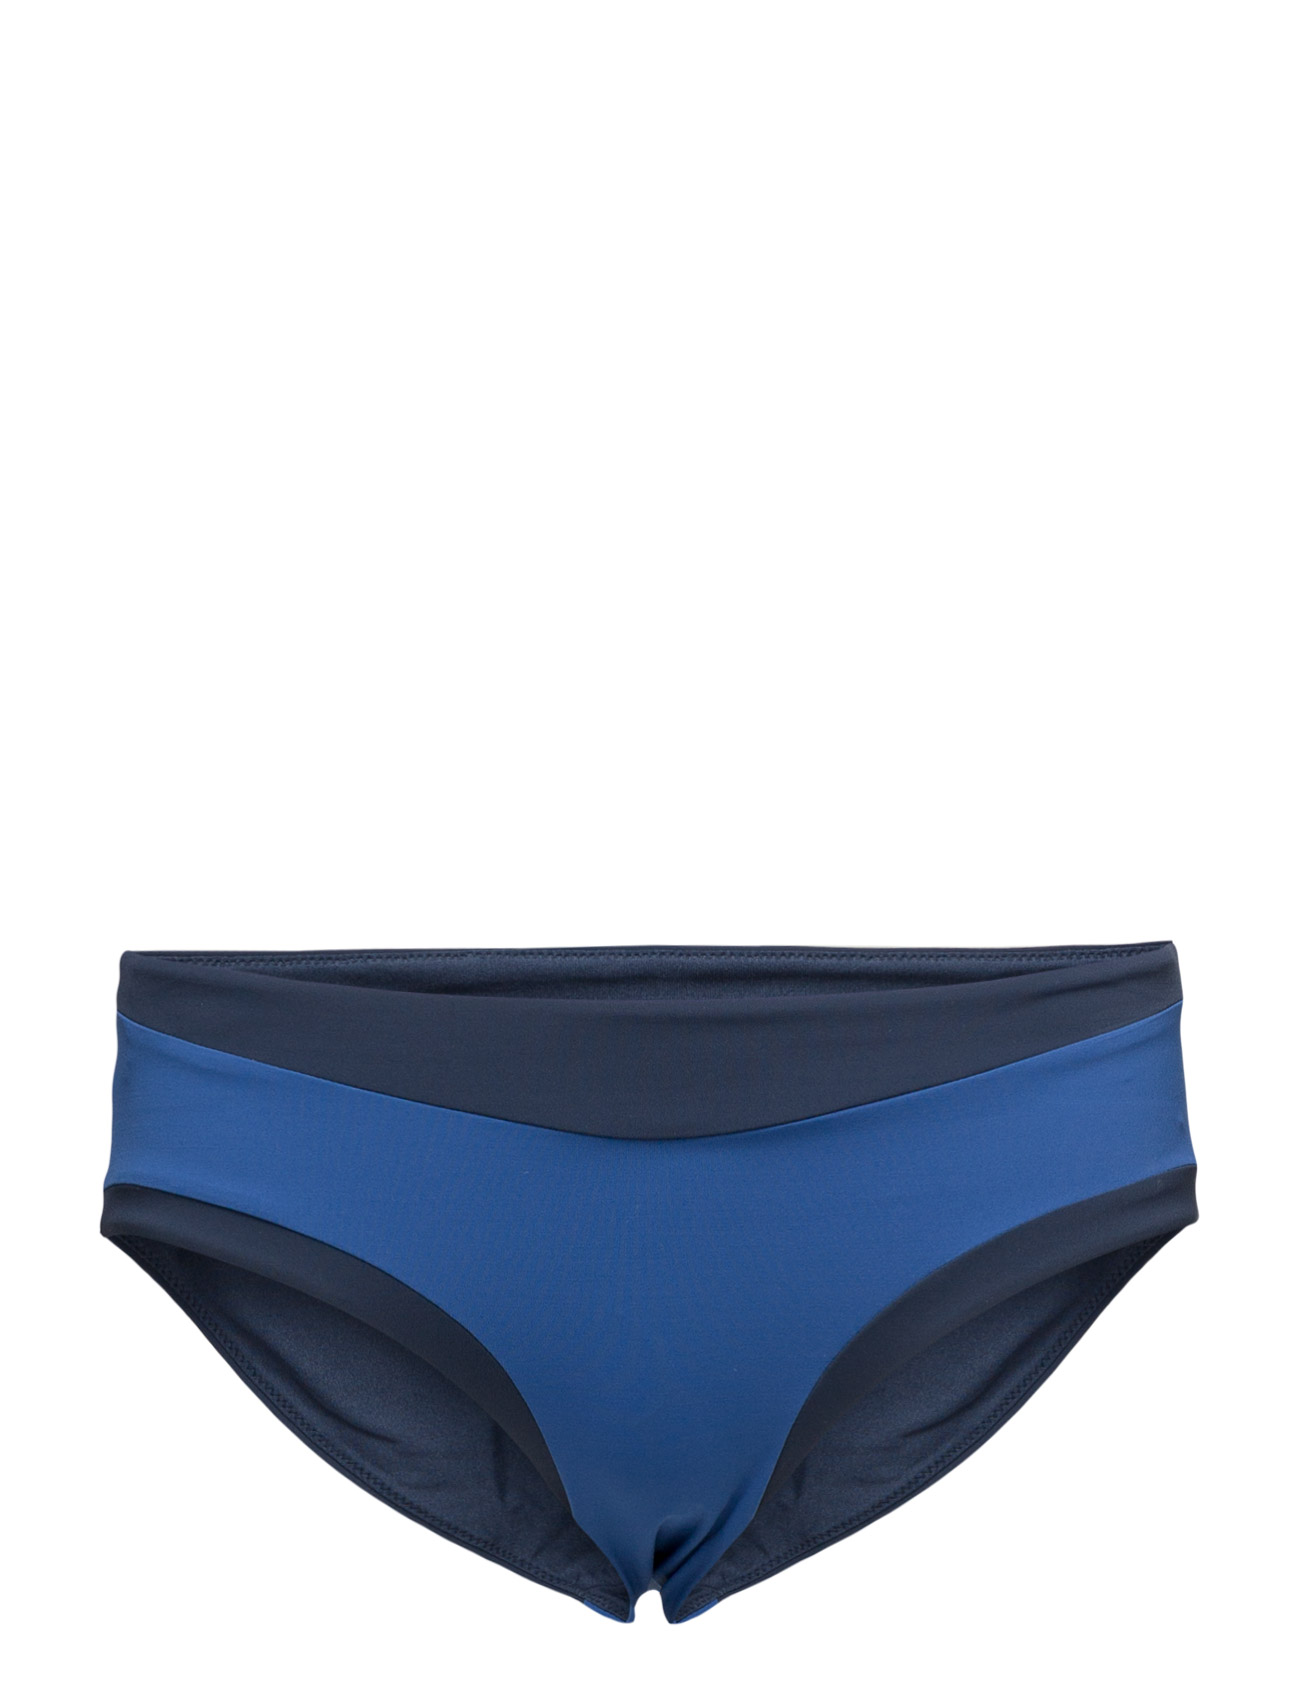 Midrise Savannah Sunset Heidi Klum Intimates Badetøj til Kvinder i